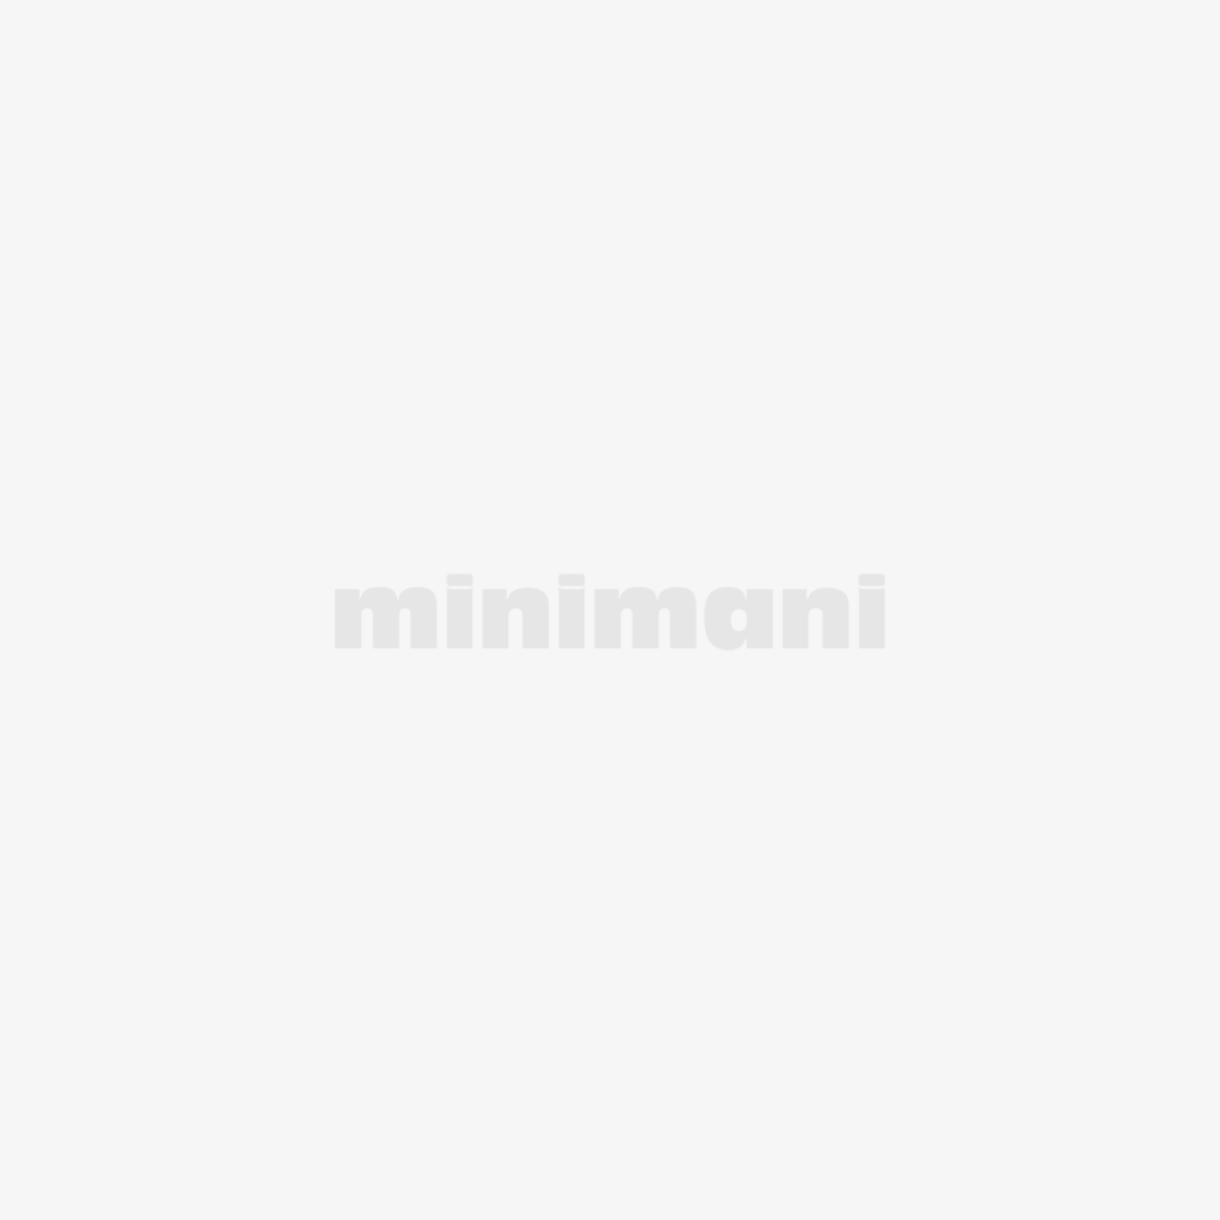 Pimentävä verho 140x240cm, valkoinen